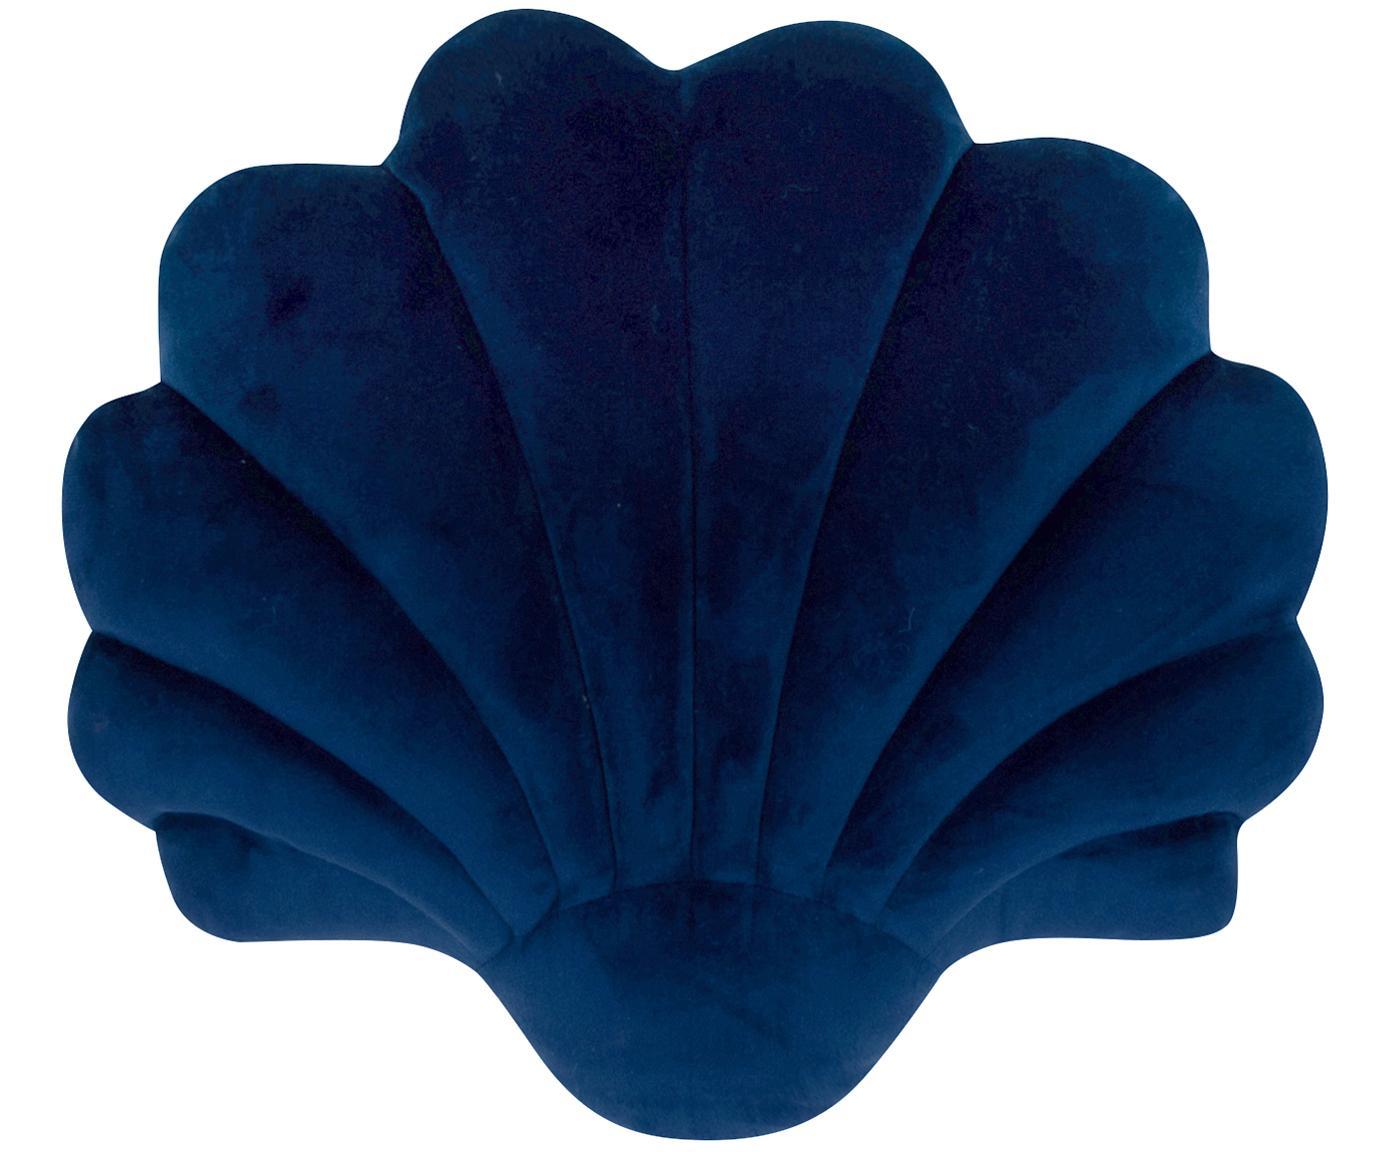 Cojín de terciopelo Shel, con relleno, Parte delantera: 100%terciopelo de algodó, Parte trasera: 100%algodón, Azul oscuro, An 28 x L 30 cm